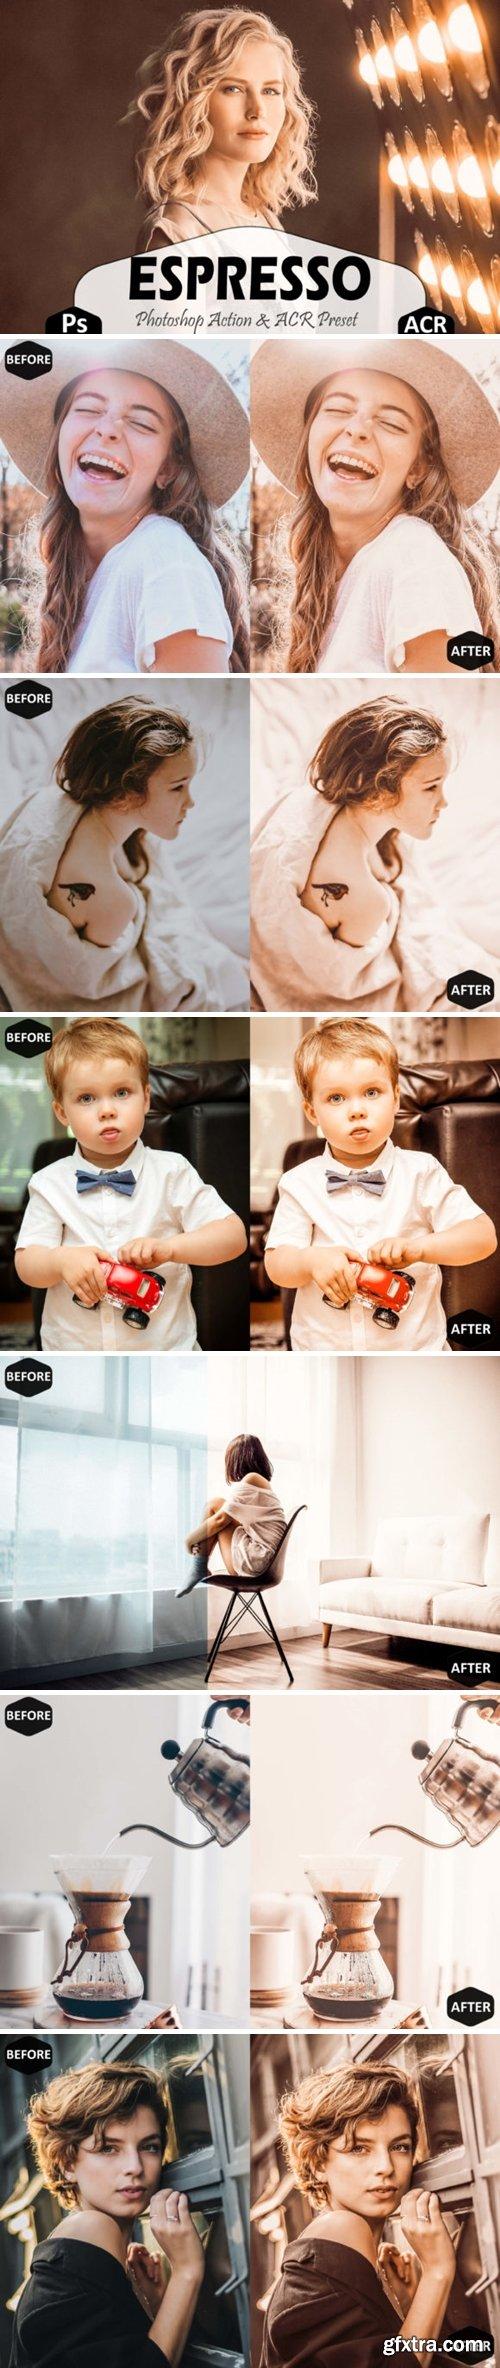 Espresso Photoshop Actions, ACR Presets 1659015